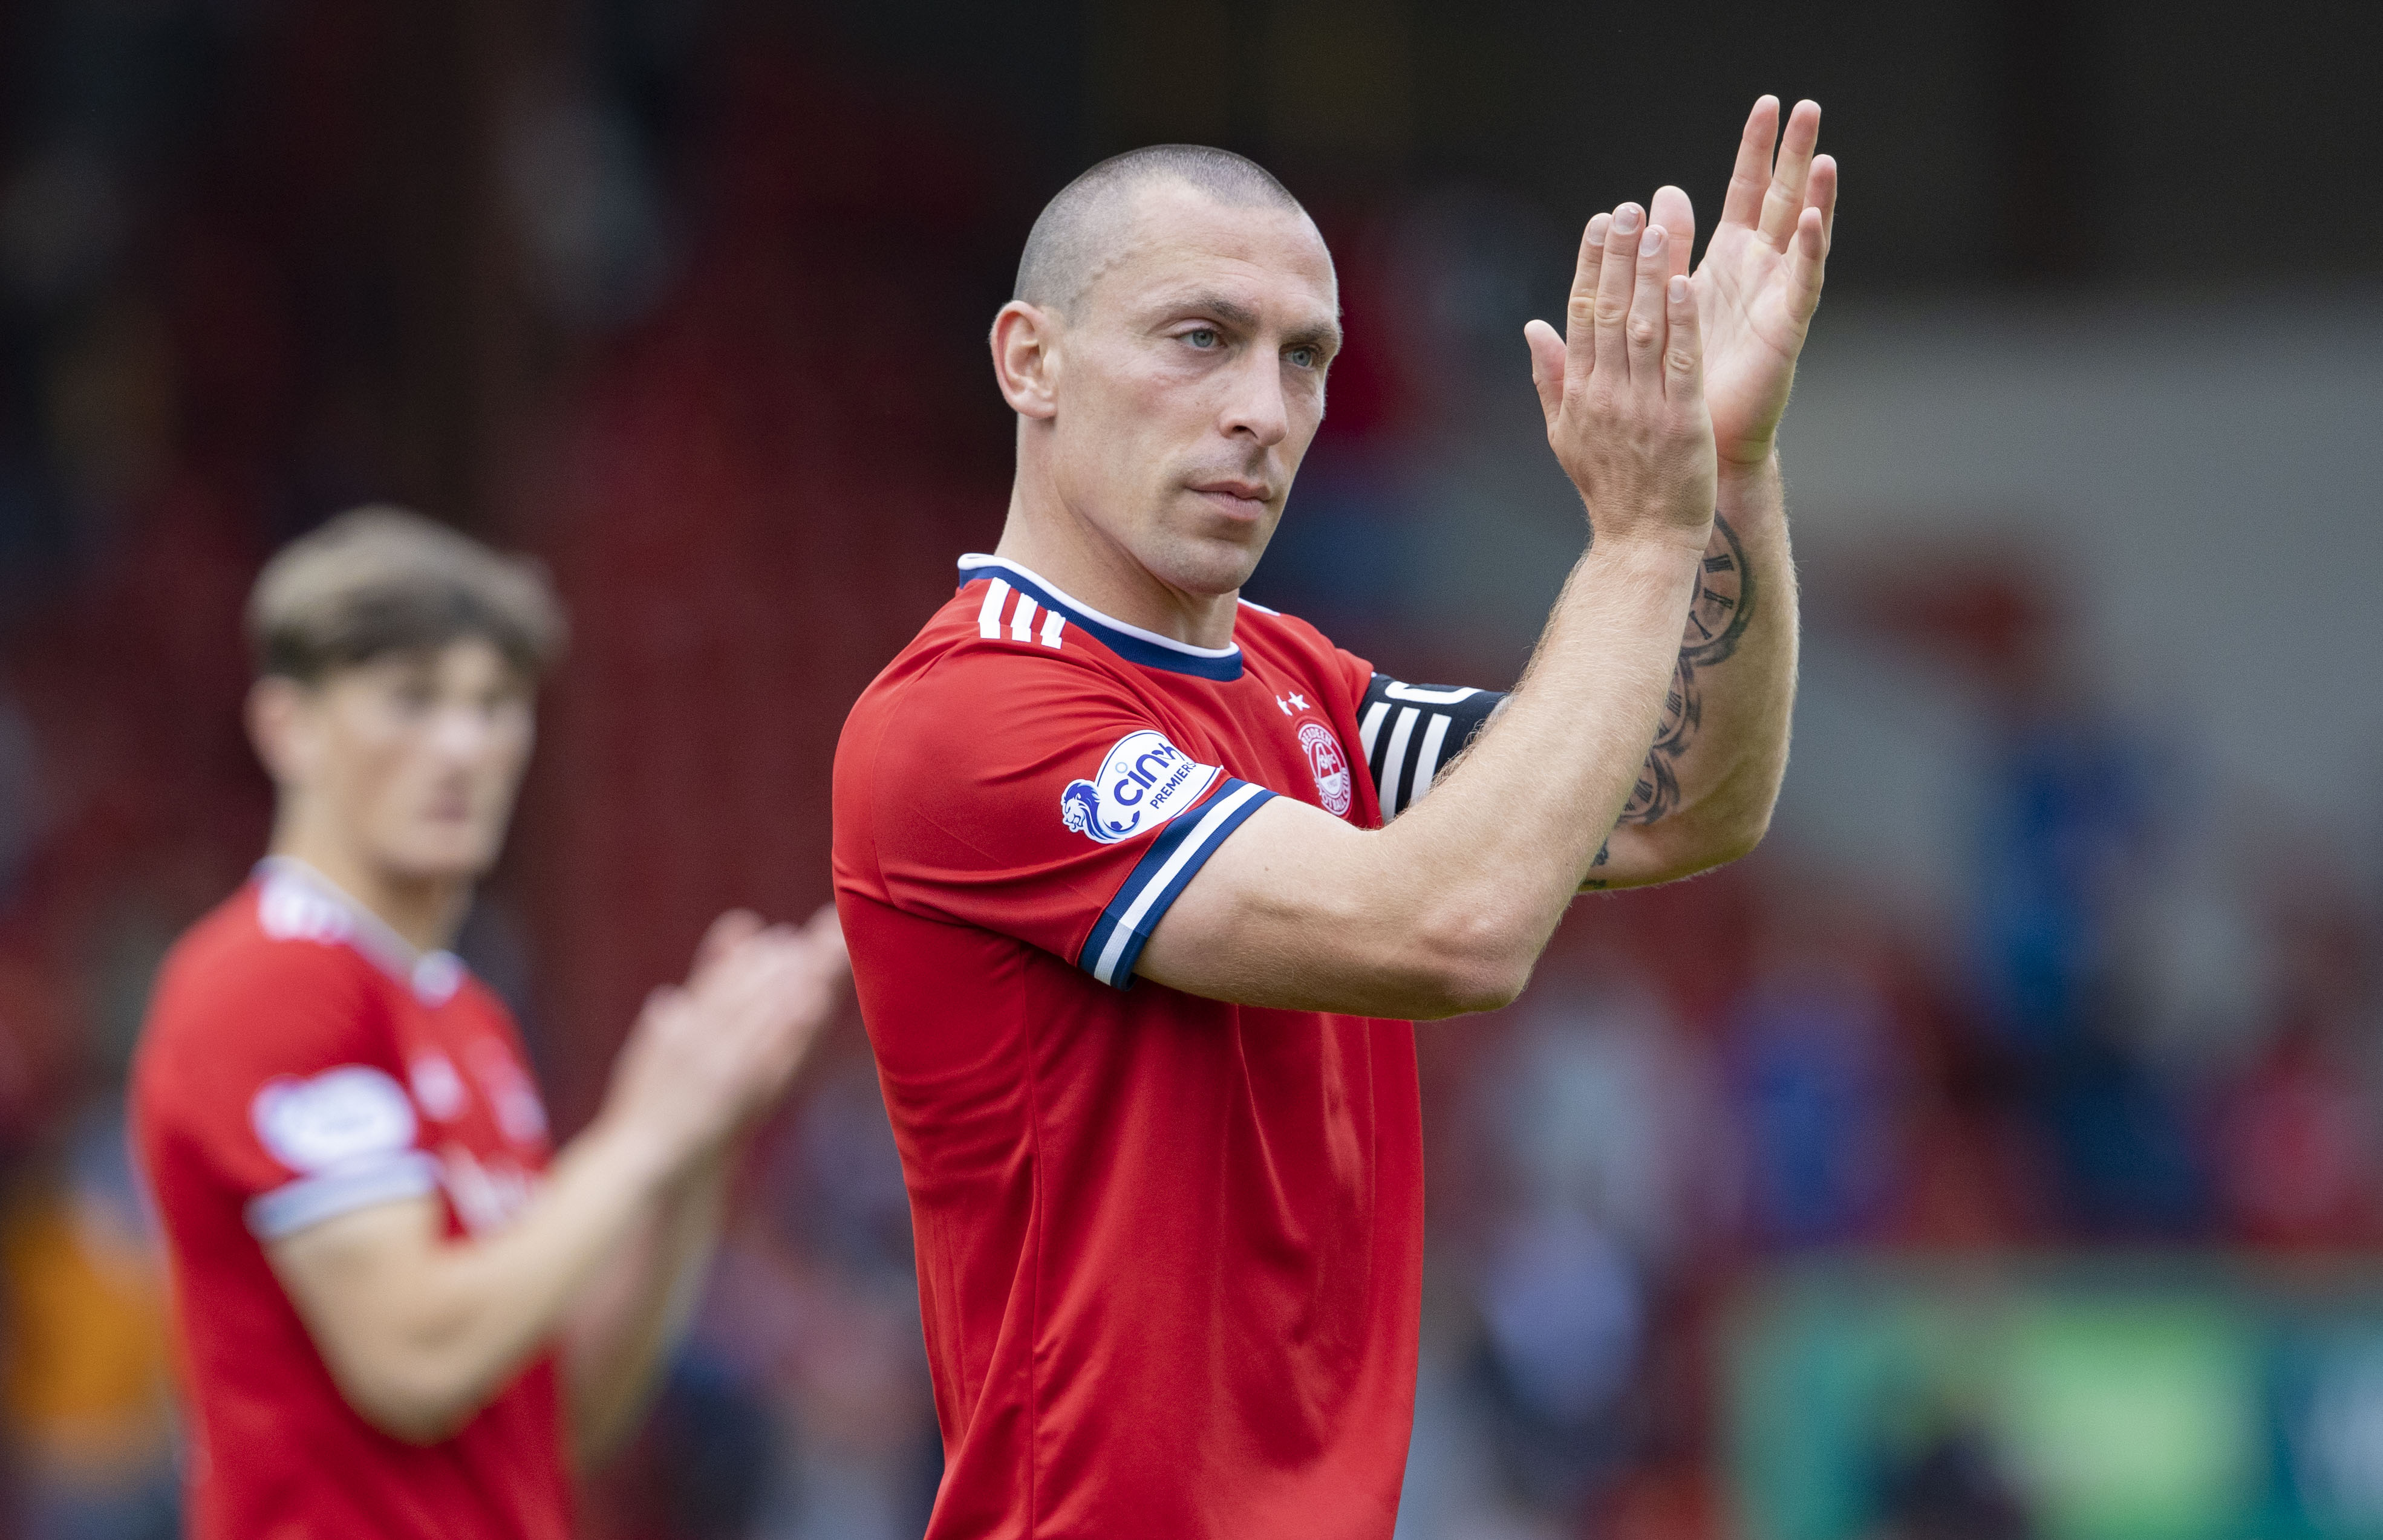 Brown: Winning start for new captain.